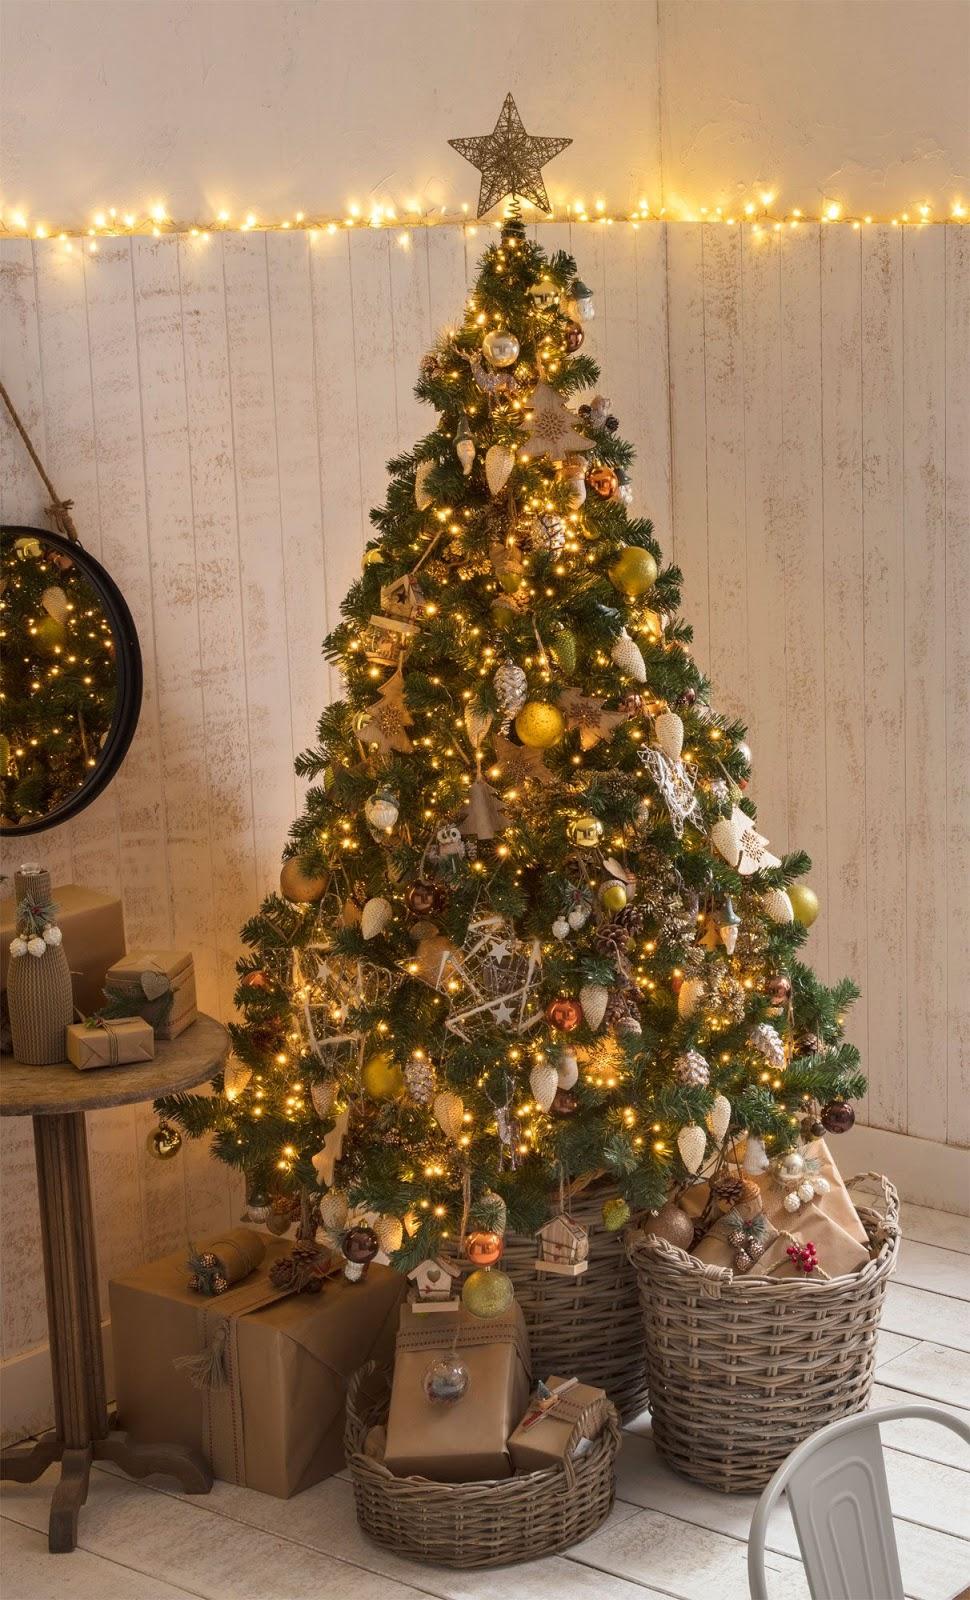 Marzua decoraci n navide a de estilo natural - Decoracion navidena natural ...